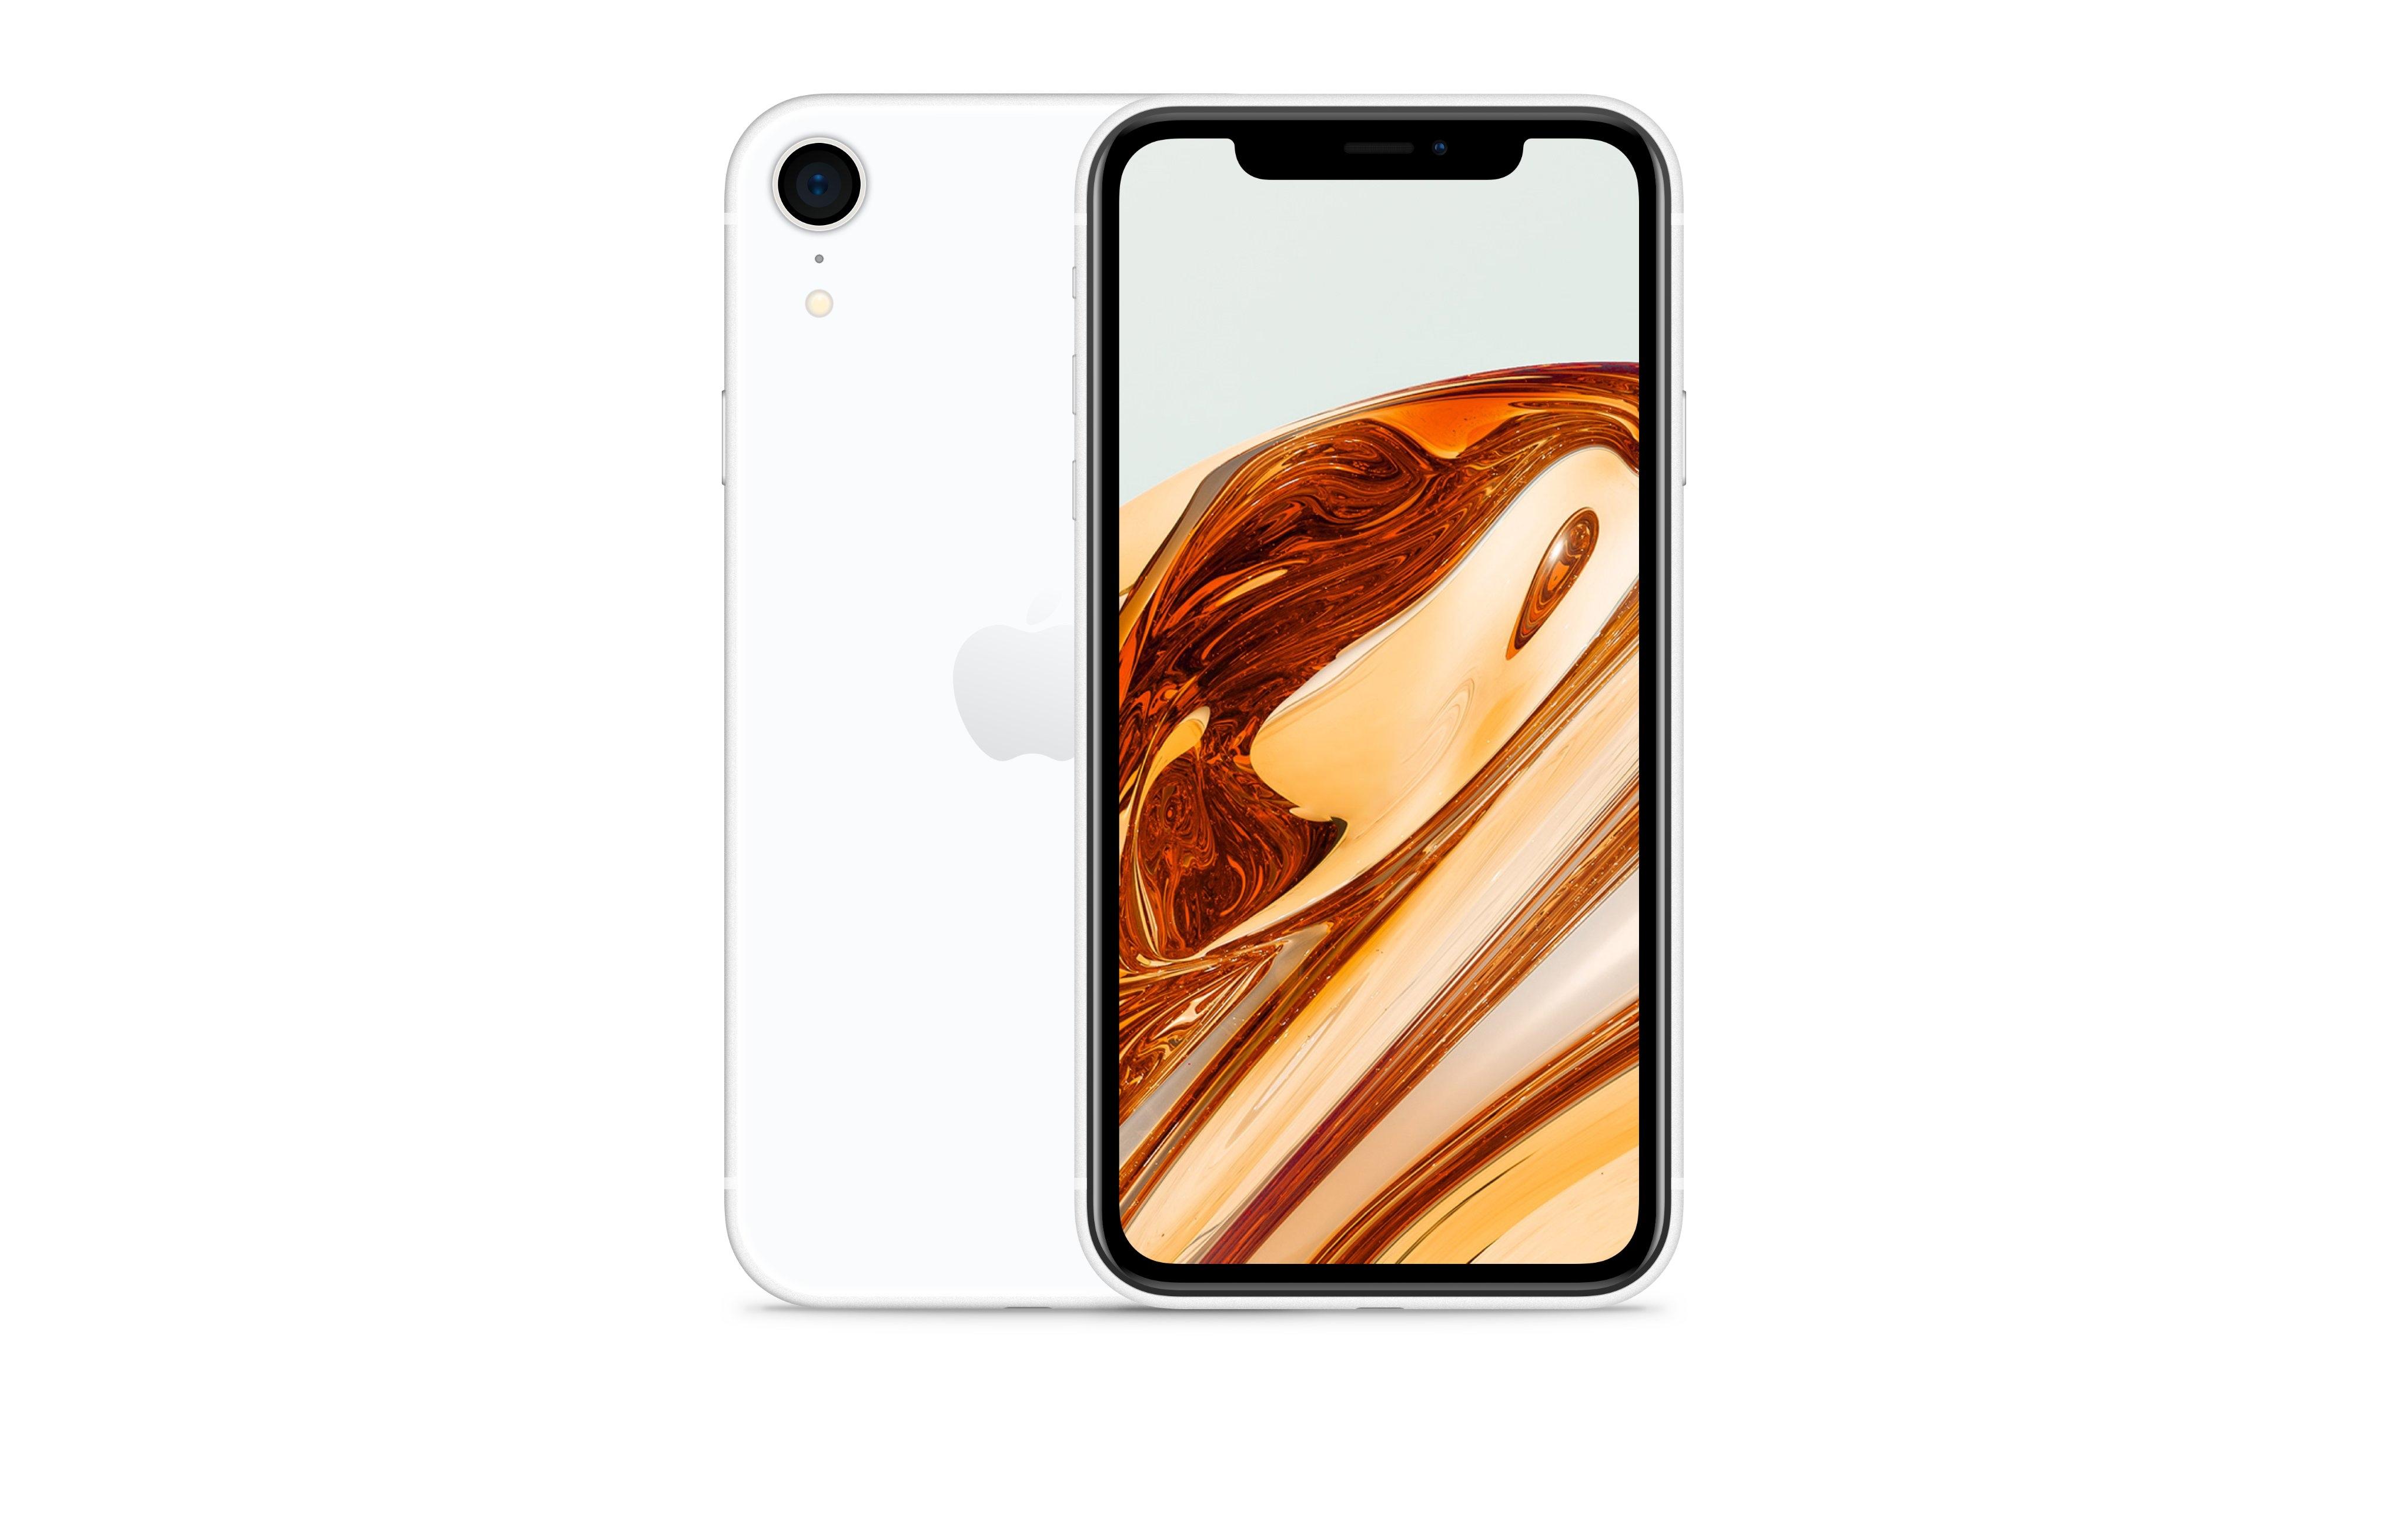 Слух: Apple может выпустить в этом году iPhone SE Plus с дизайном, как у iPhone XR, боковым Touch ID и ценником в $499